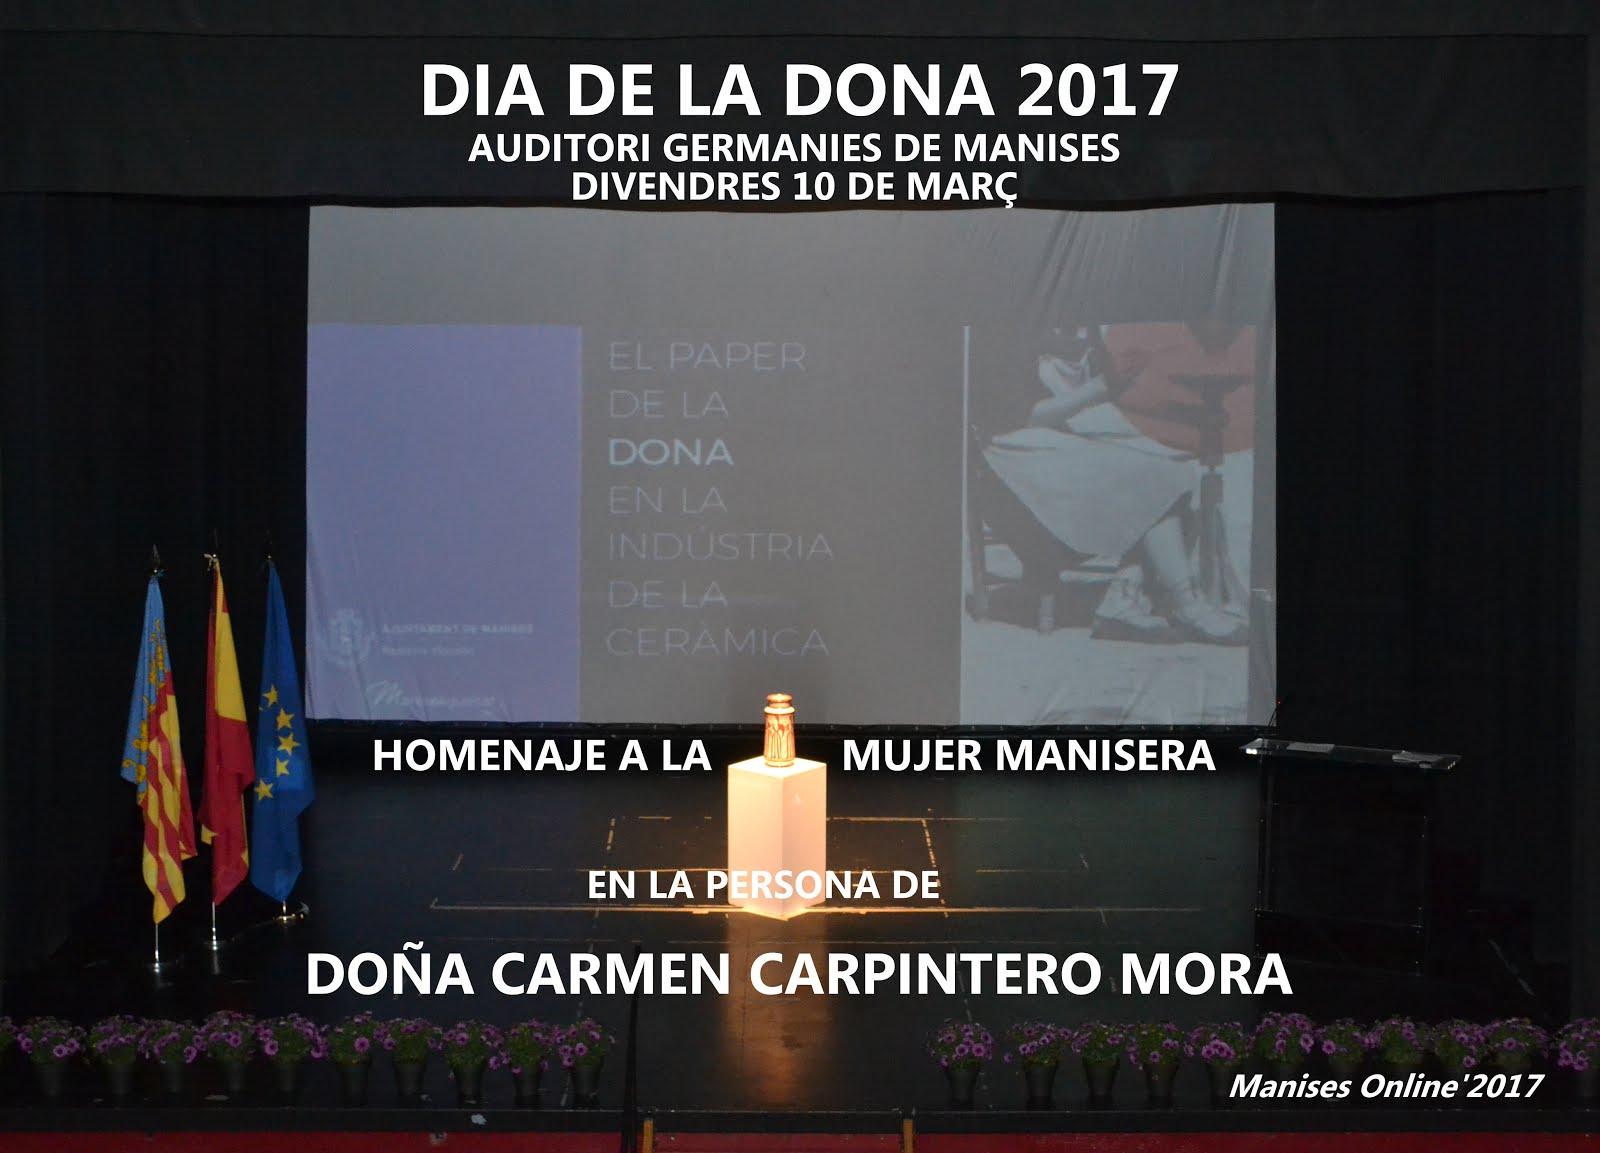 10.03.17 DIA DE LA DONA 2017, HOMENAJE A DOÑA CARMEN CARPINTERO MORA